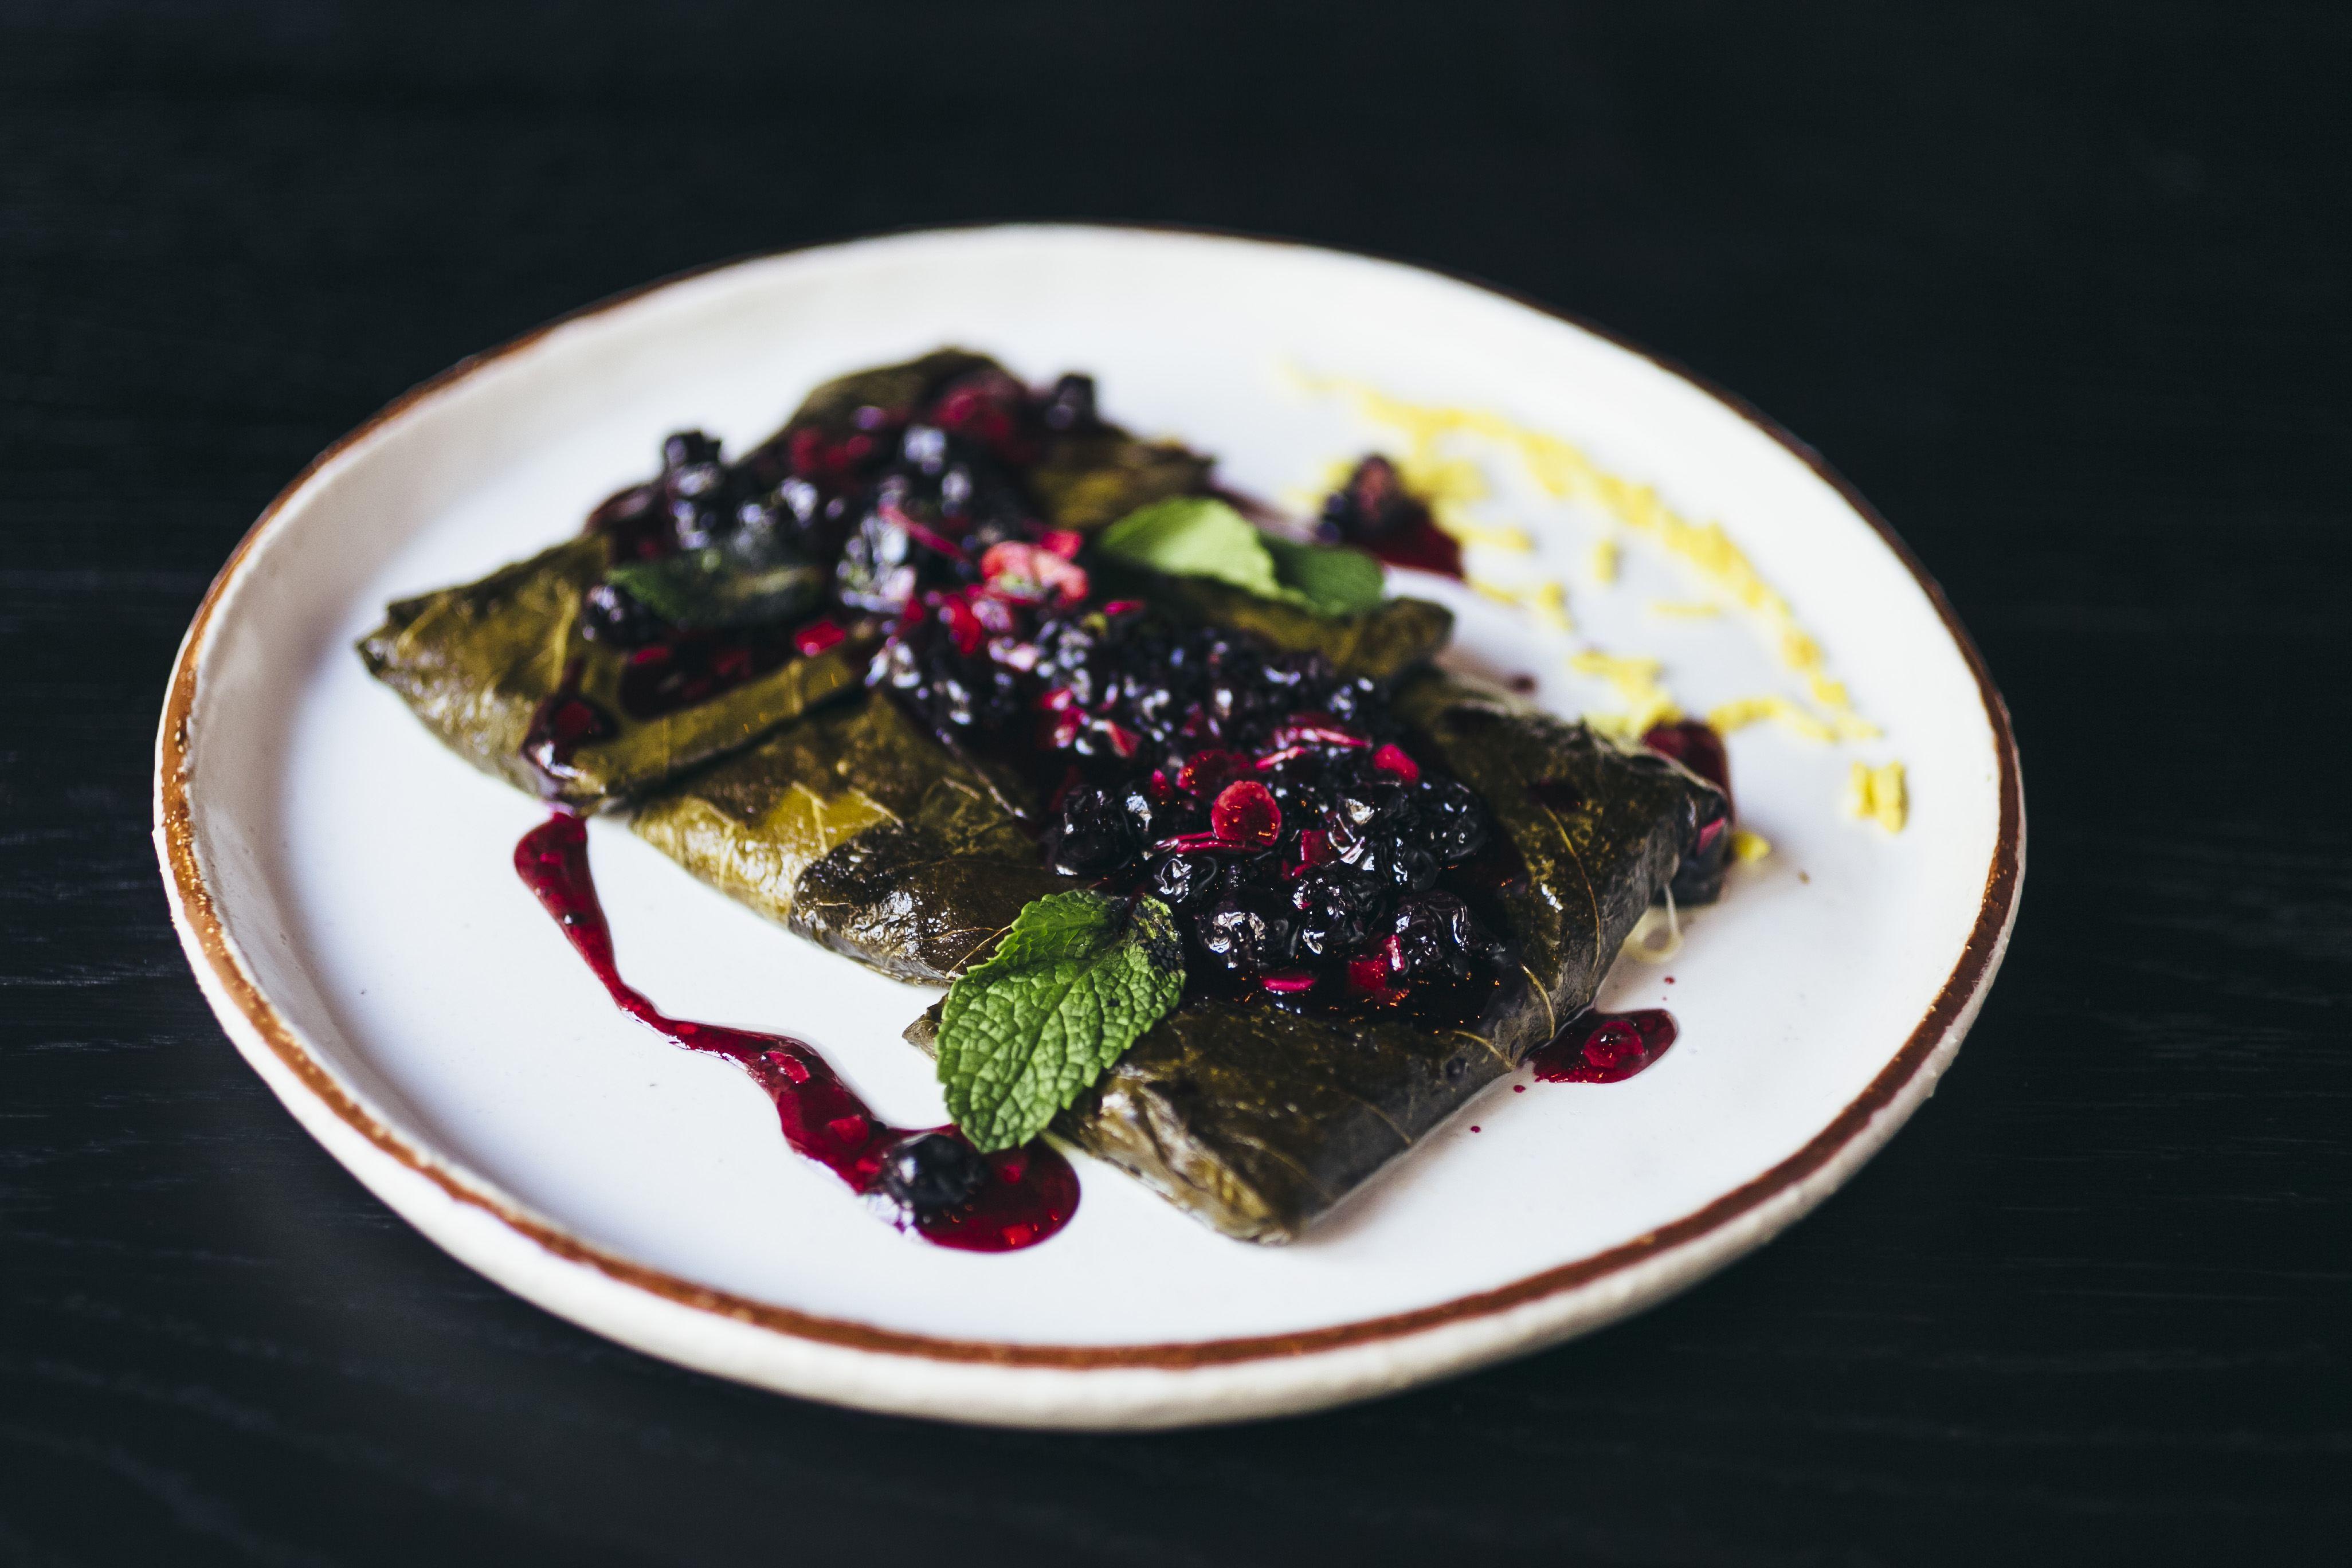 Сулугуни в виноградном листе с черной смородиной